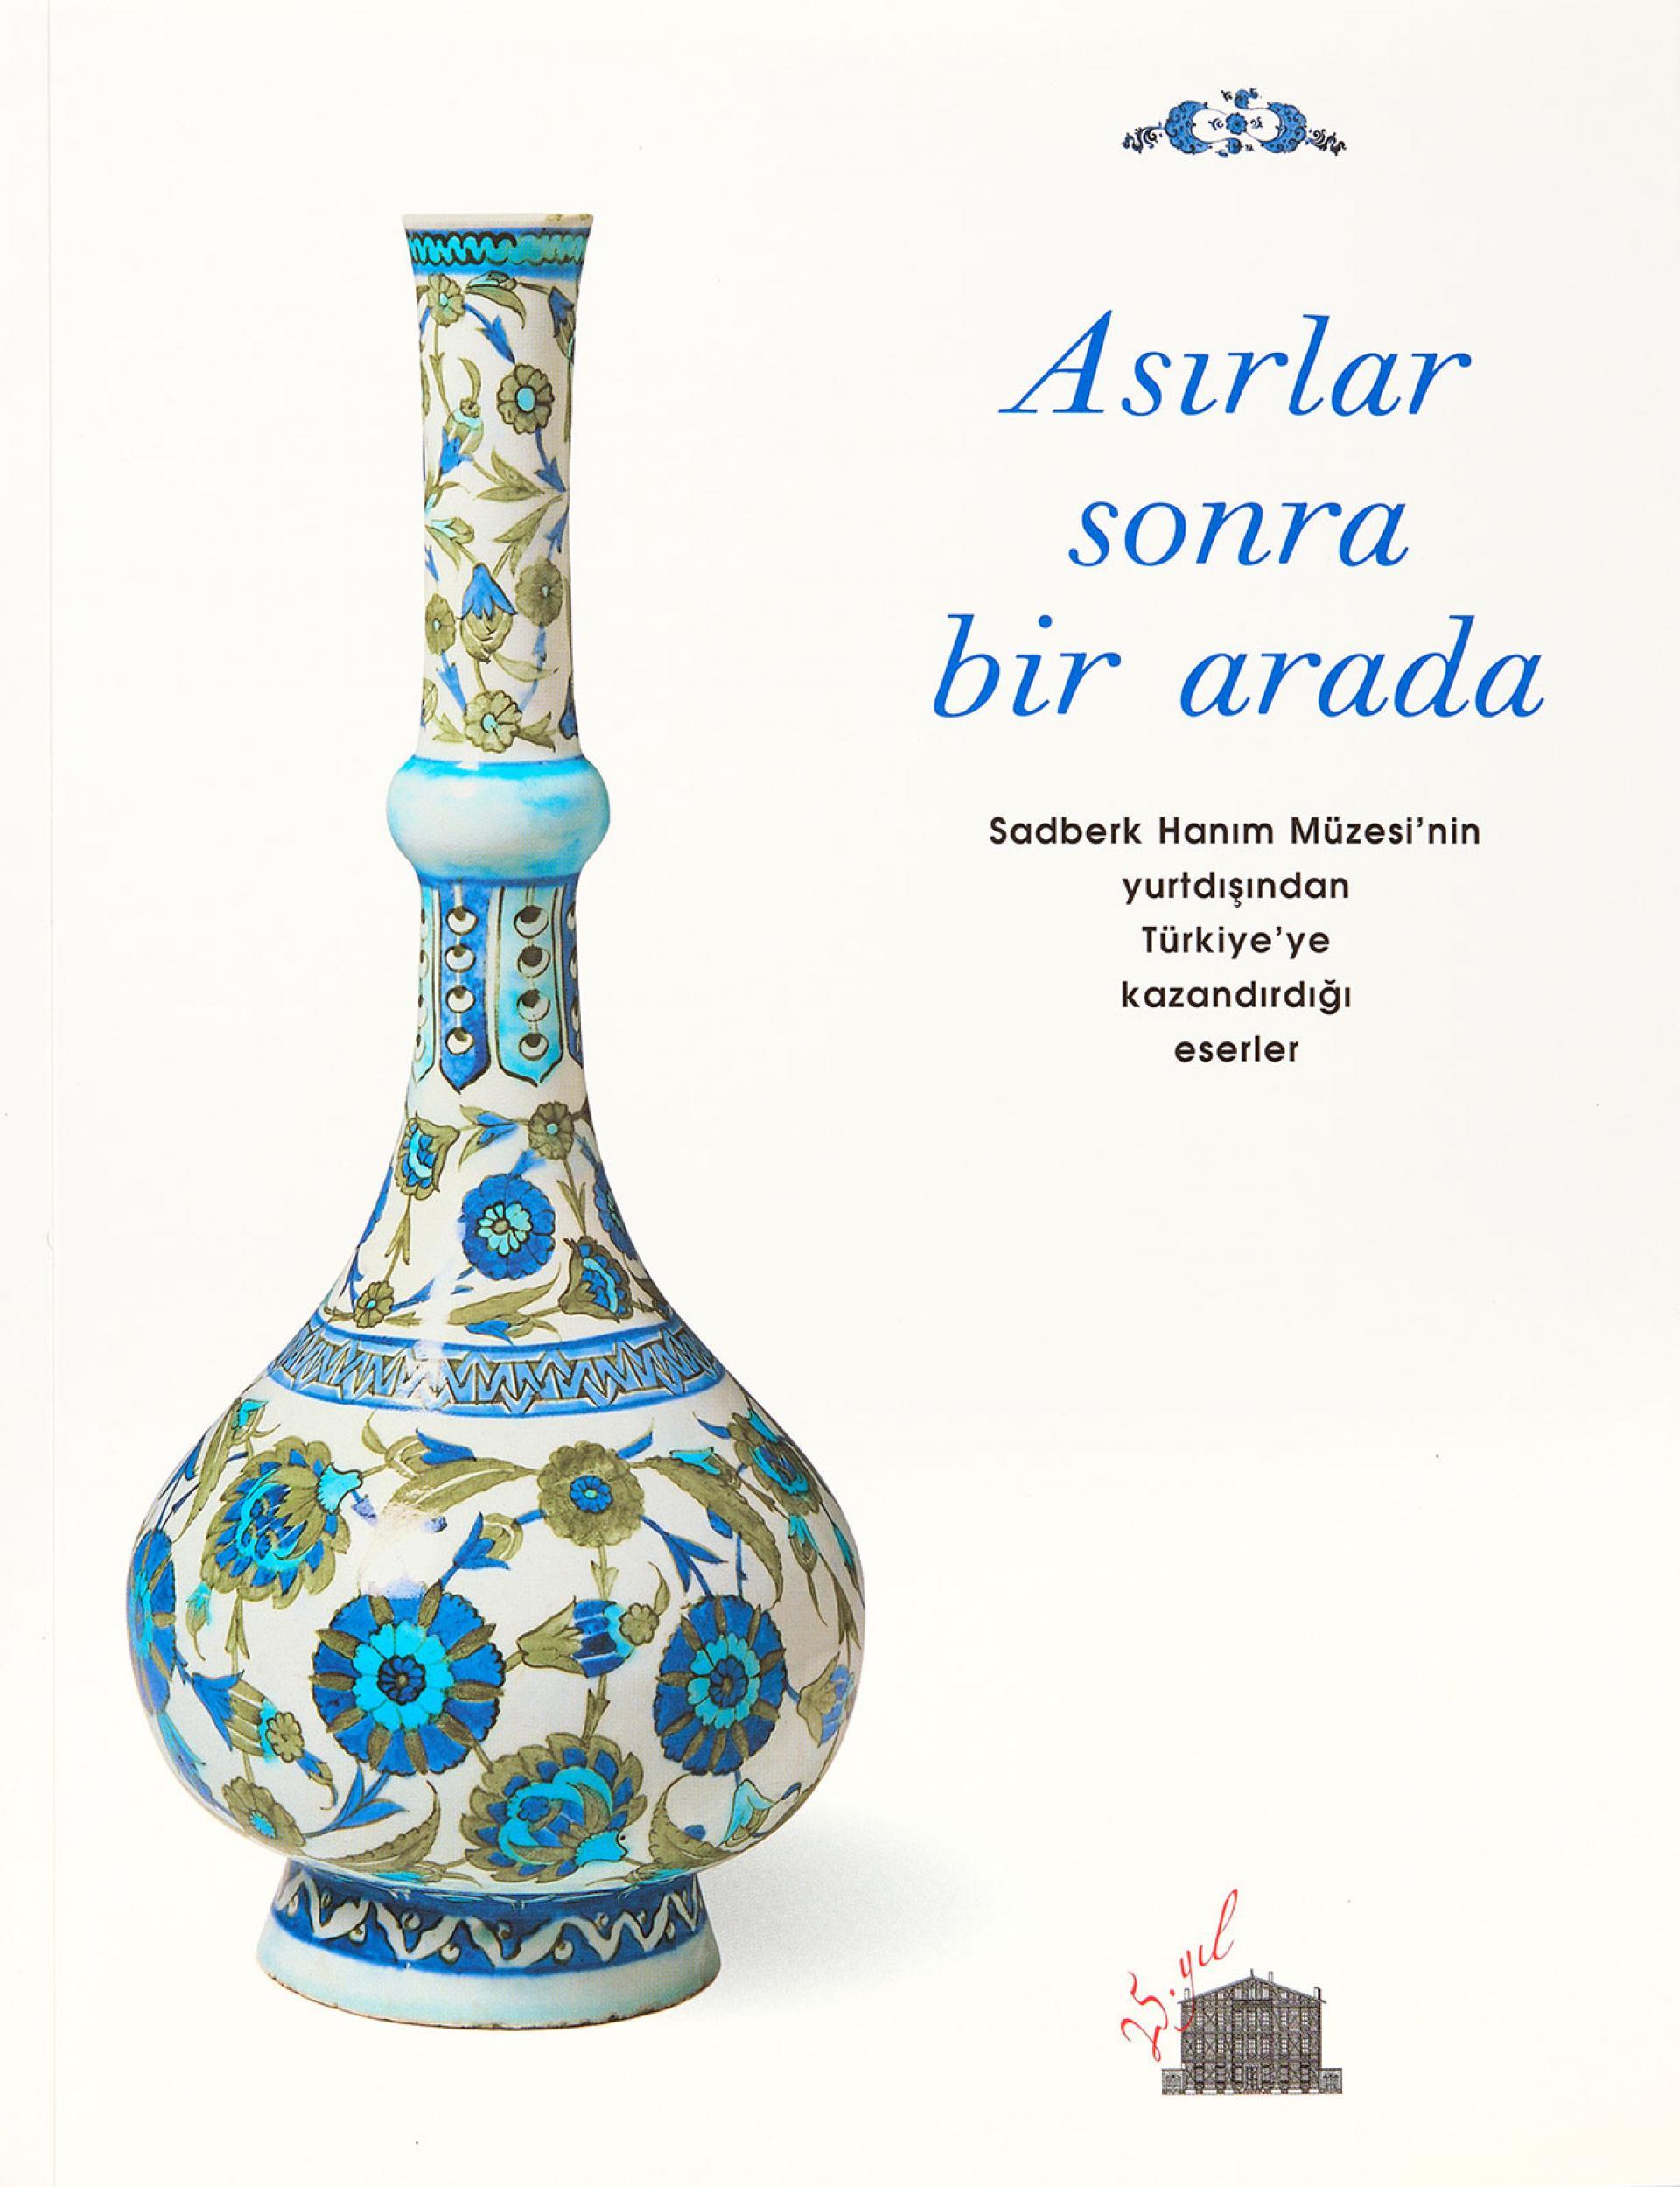 Asırlar sonra bir arada, Sadberk Hanım Müzesi'nin yurtdışından Türkiye'ye kazandırdığı eserler - SERGİLER - Sadberk Hanım Müzesi